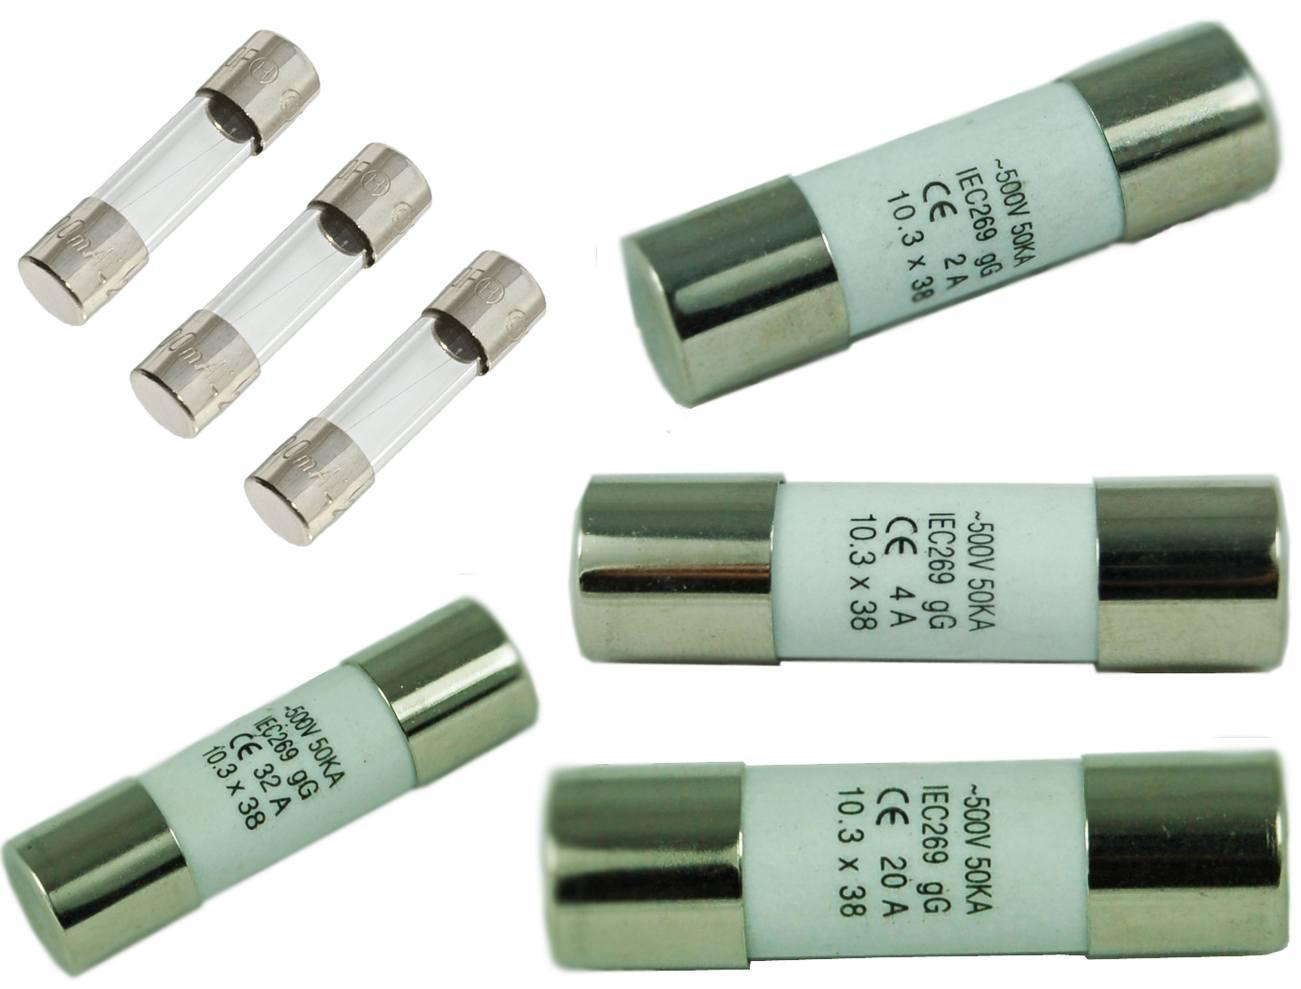 퓨즈 - SHINING F-0632G 시리즈 유리 튜브 퓨즈 및 F-1038C 시리즈 세라믹 튜브 퓨즈